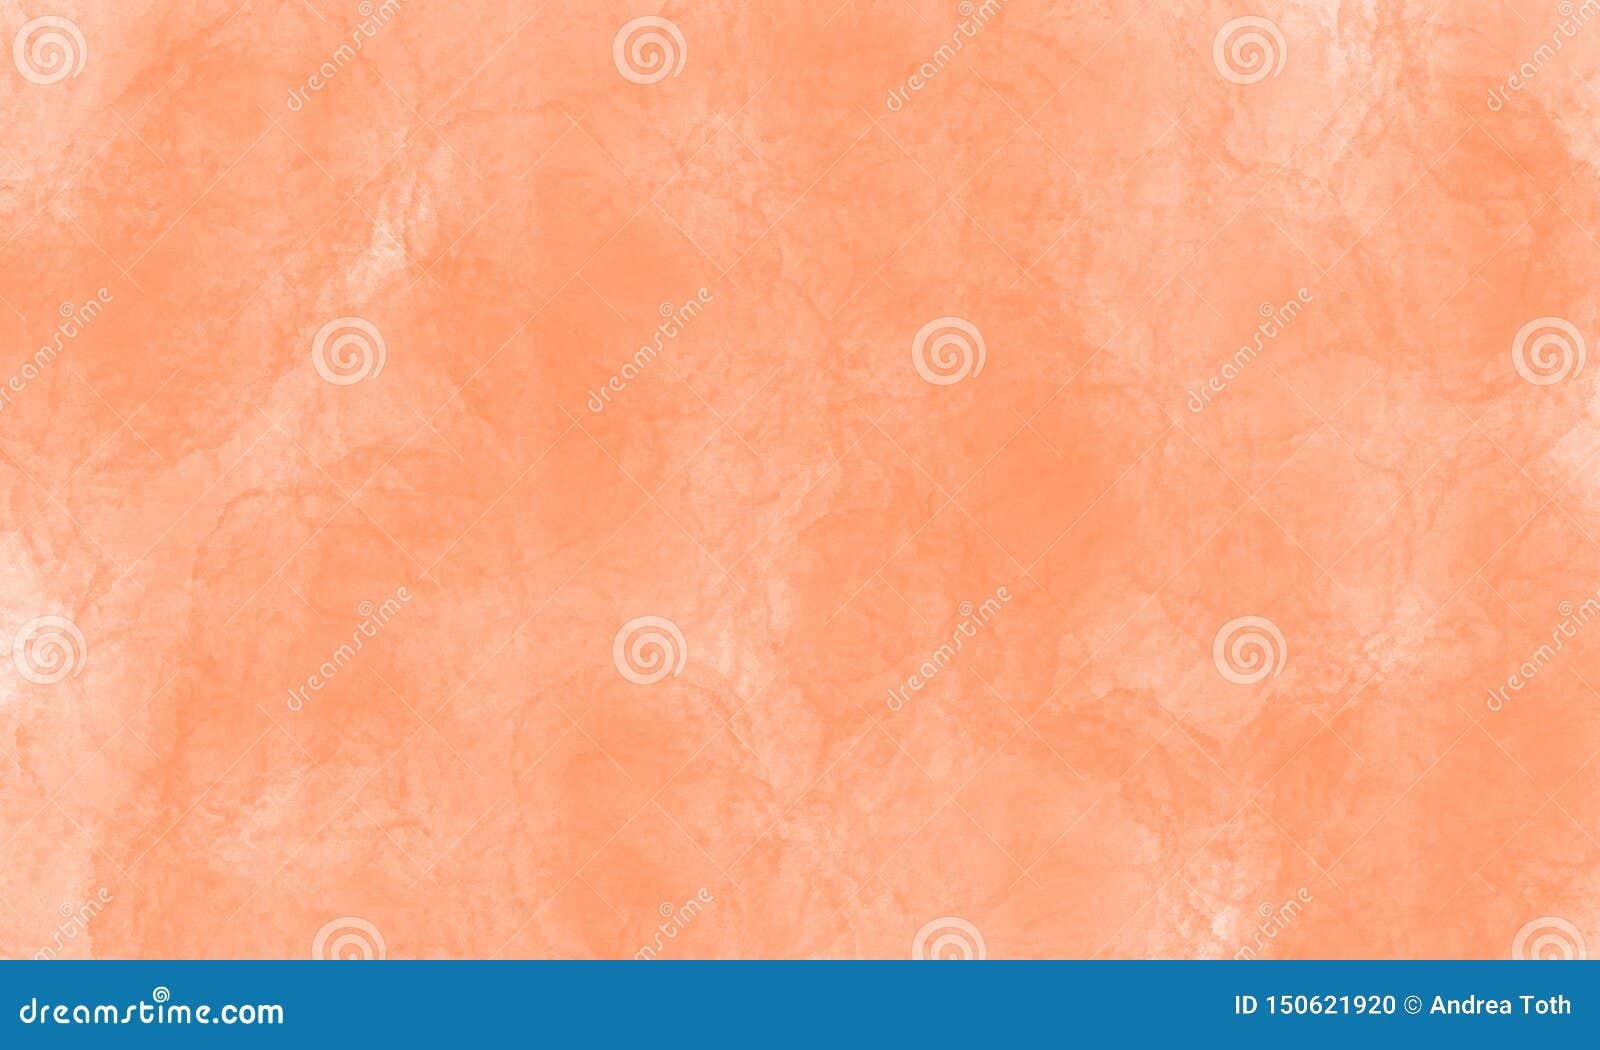 Kolorowy akwareli tła tekstury wzór dla stron internetowych, prezentacji lub grafiki,